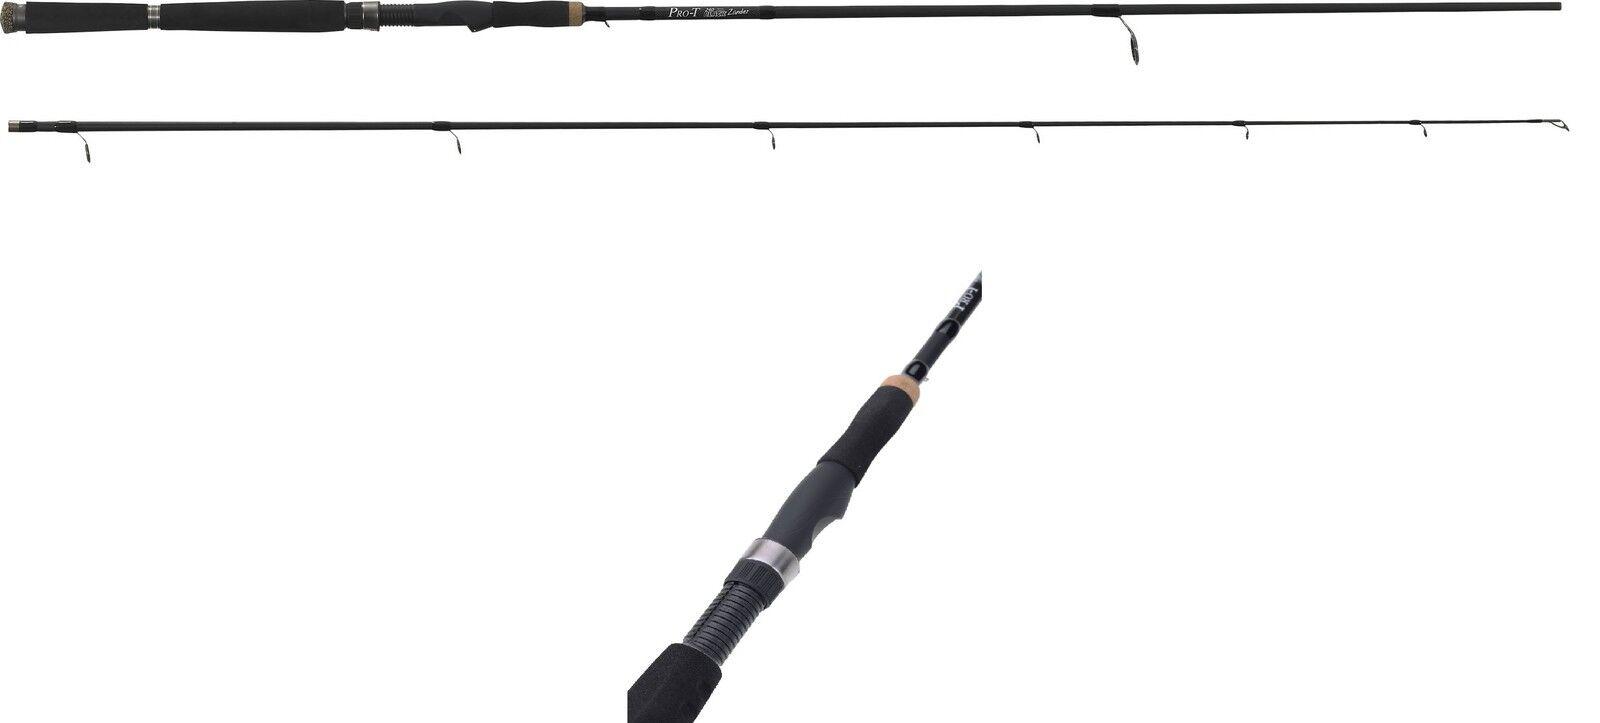 PRO-T schwarz Zander   3 00m   15-55g  von SÄNGER Spinnrute für Zander